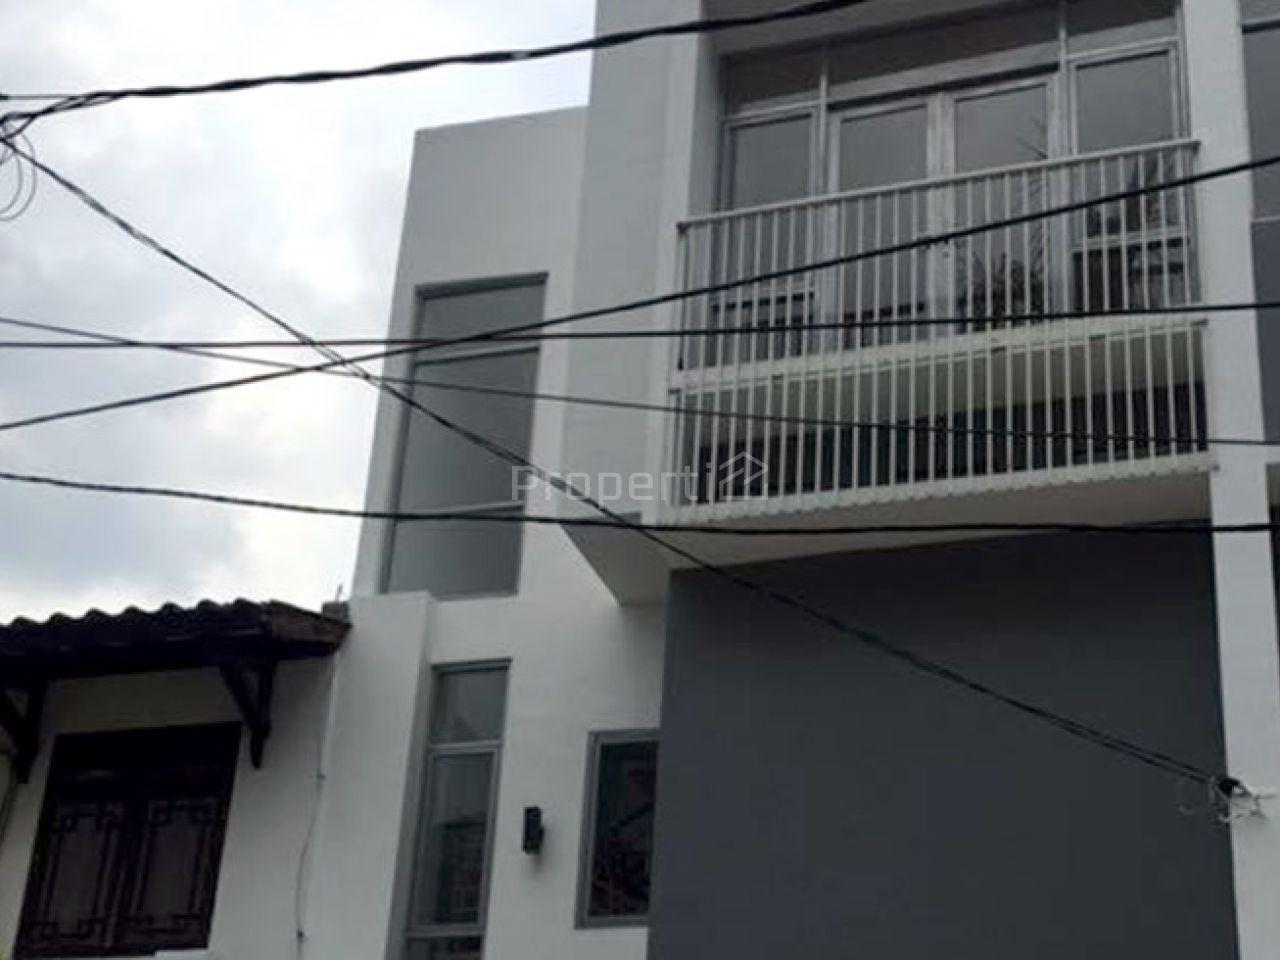 Rumah Baru Sederhana Nan Elegan di Pondok Indah, DKI Jakarta